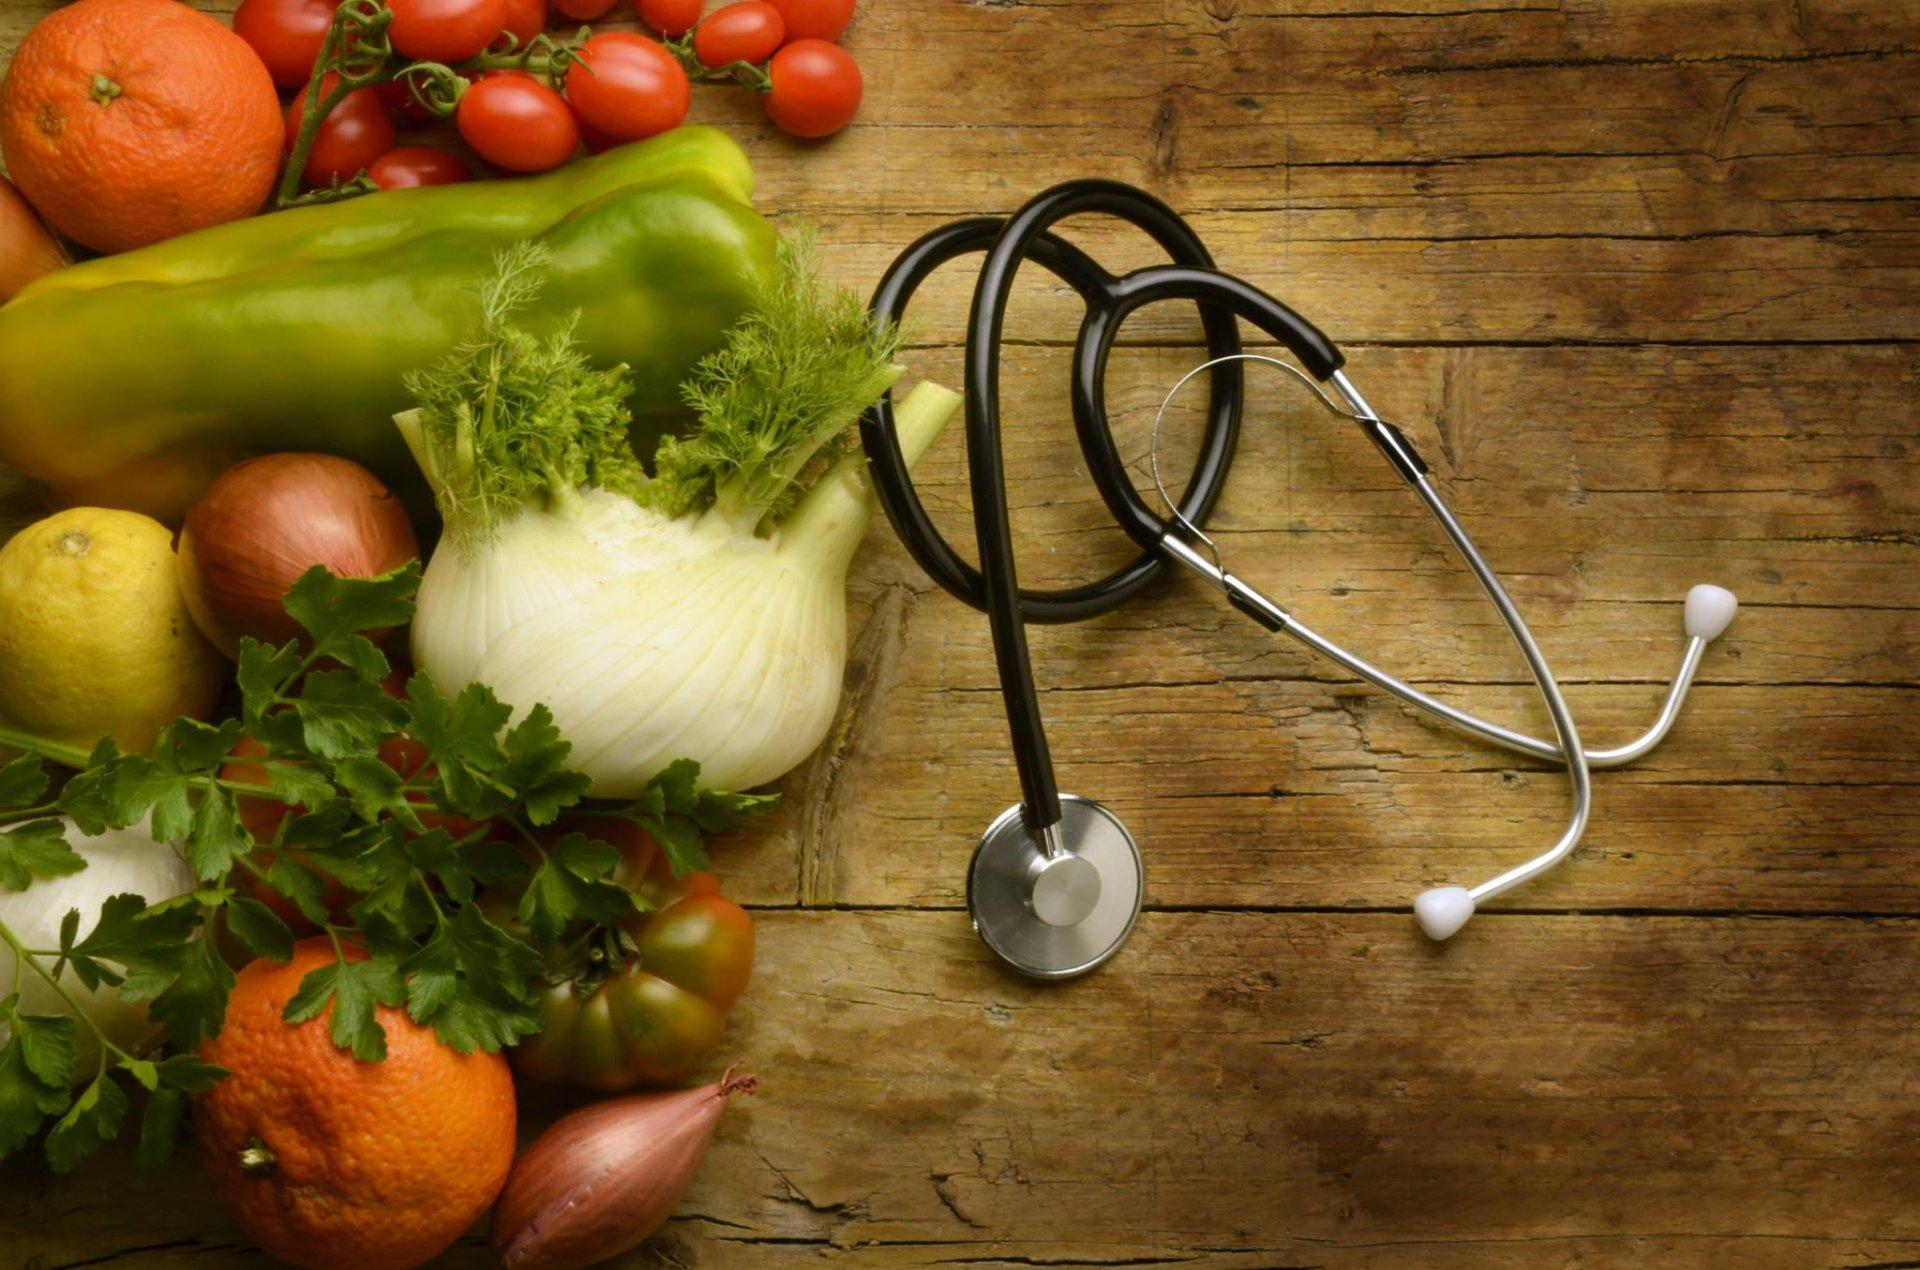 sveikas maistas maistas nuo hipertenzijos vitaminas d3 širdies sveikatai